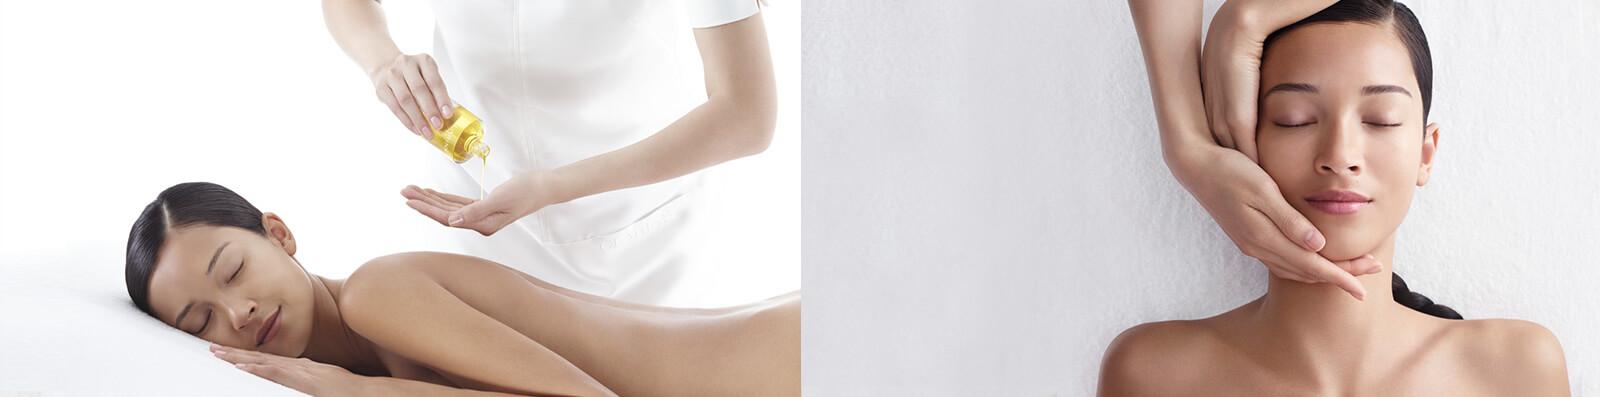 Mujer que recibe un masaje